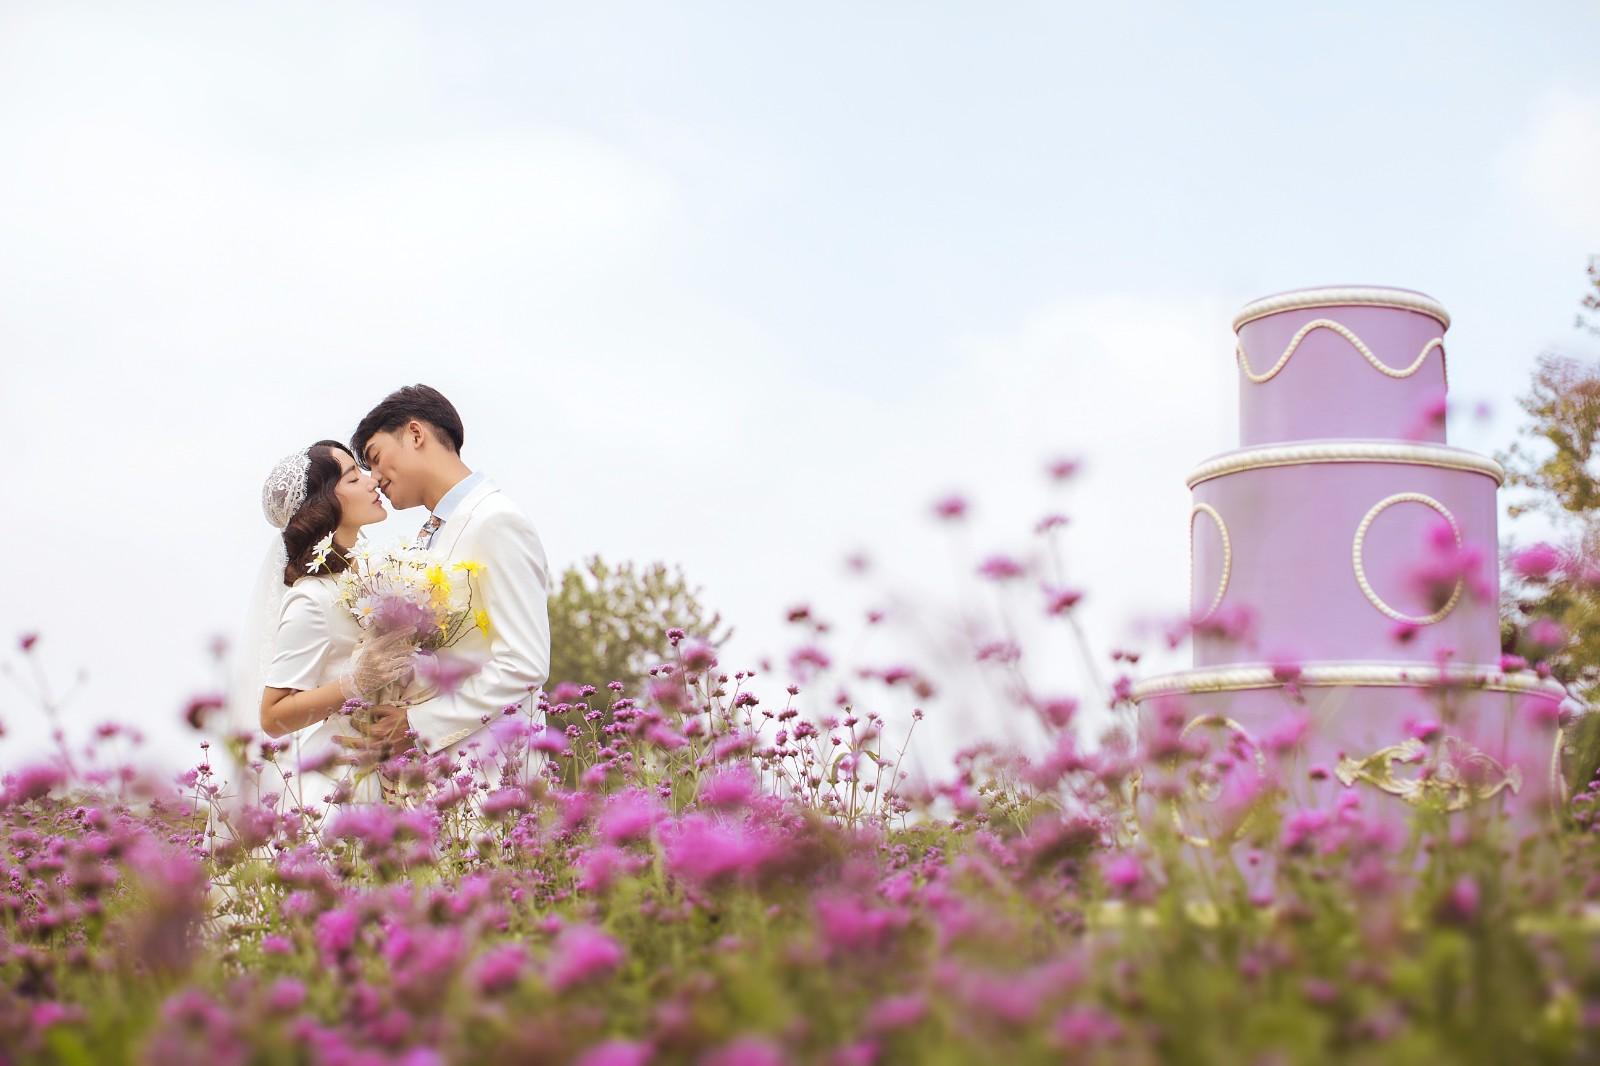 巴厘岛婚礼为什么吸引如此多的新人